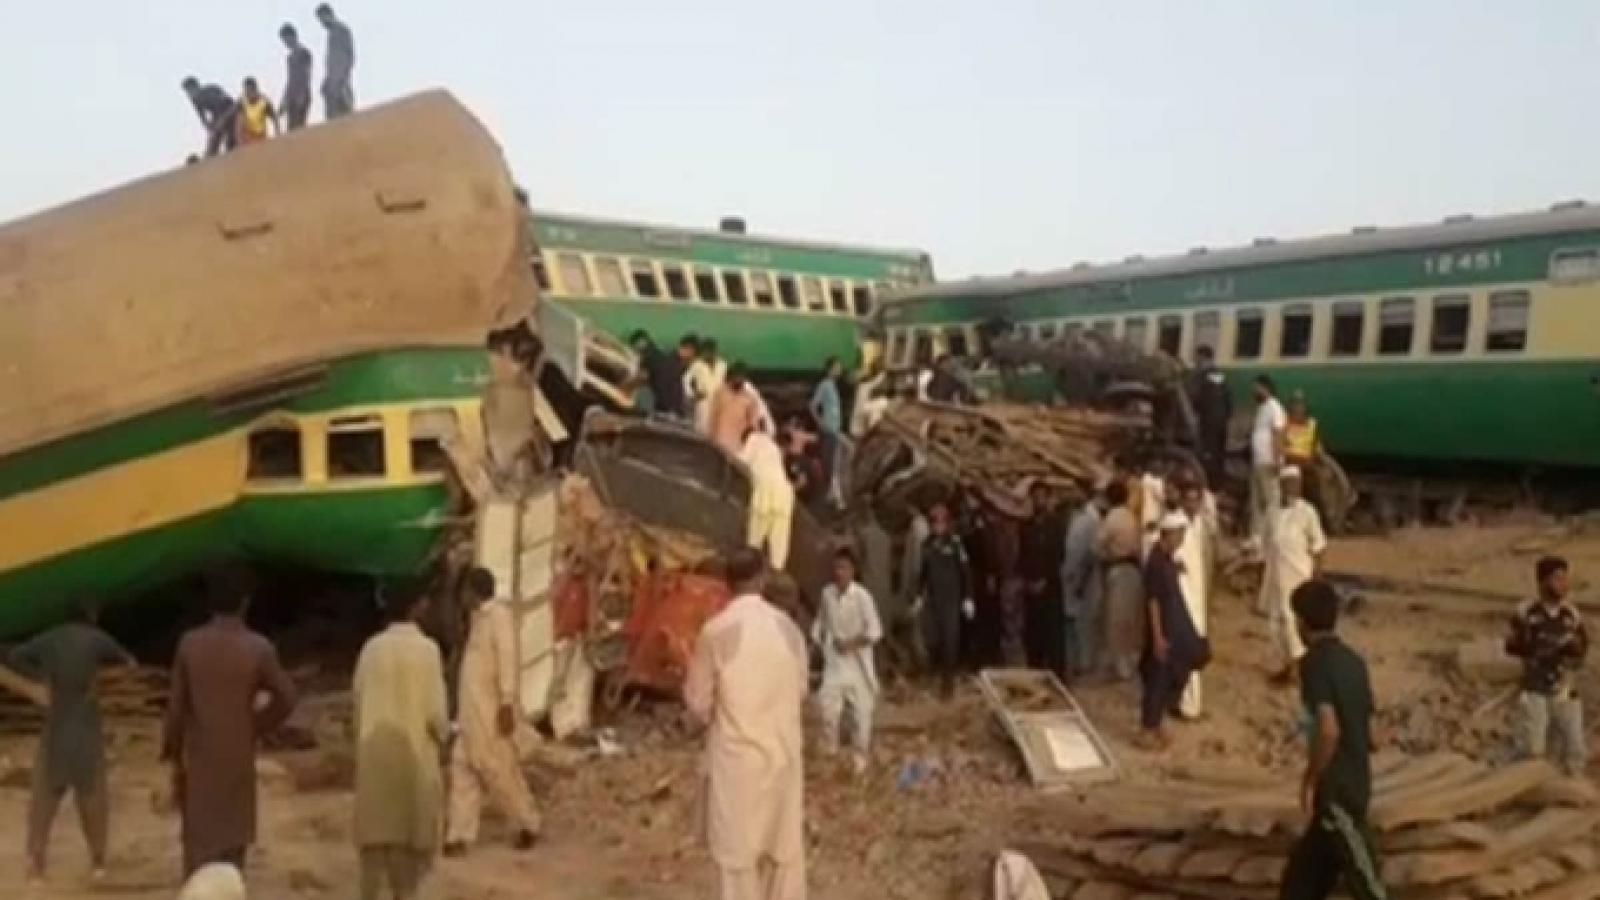 Tai nạn đường sắt kinh hoàng ở Pakistan, ít nhất 25 người thiệt mạng